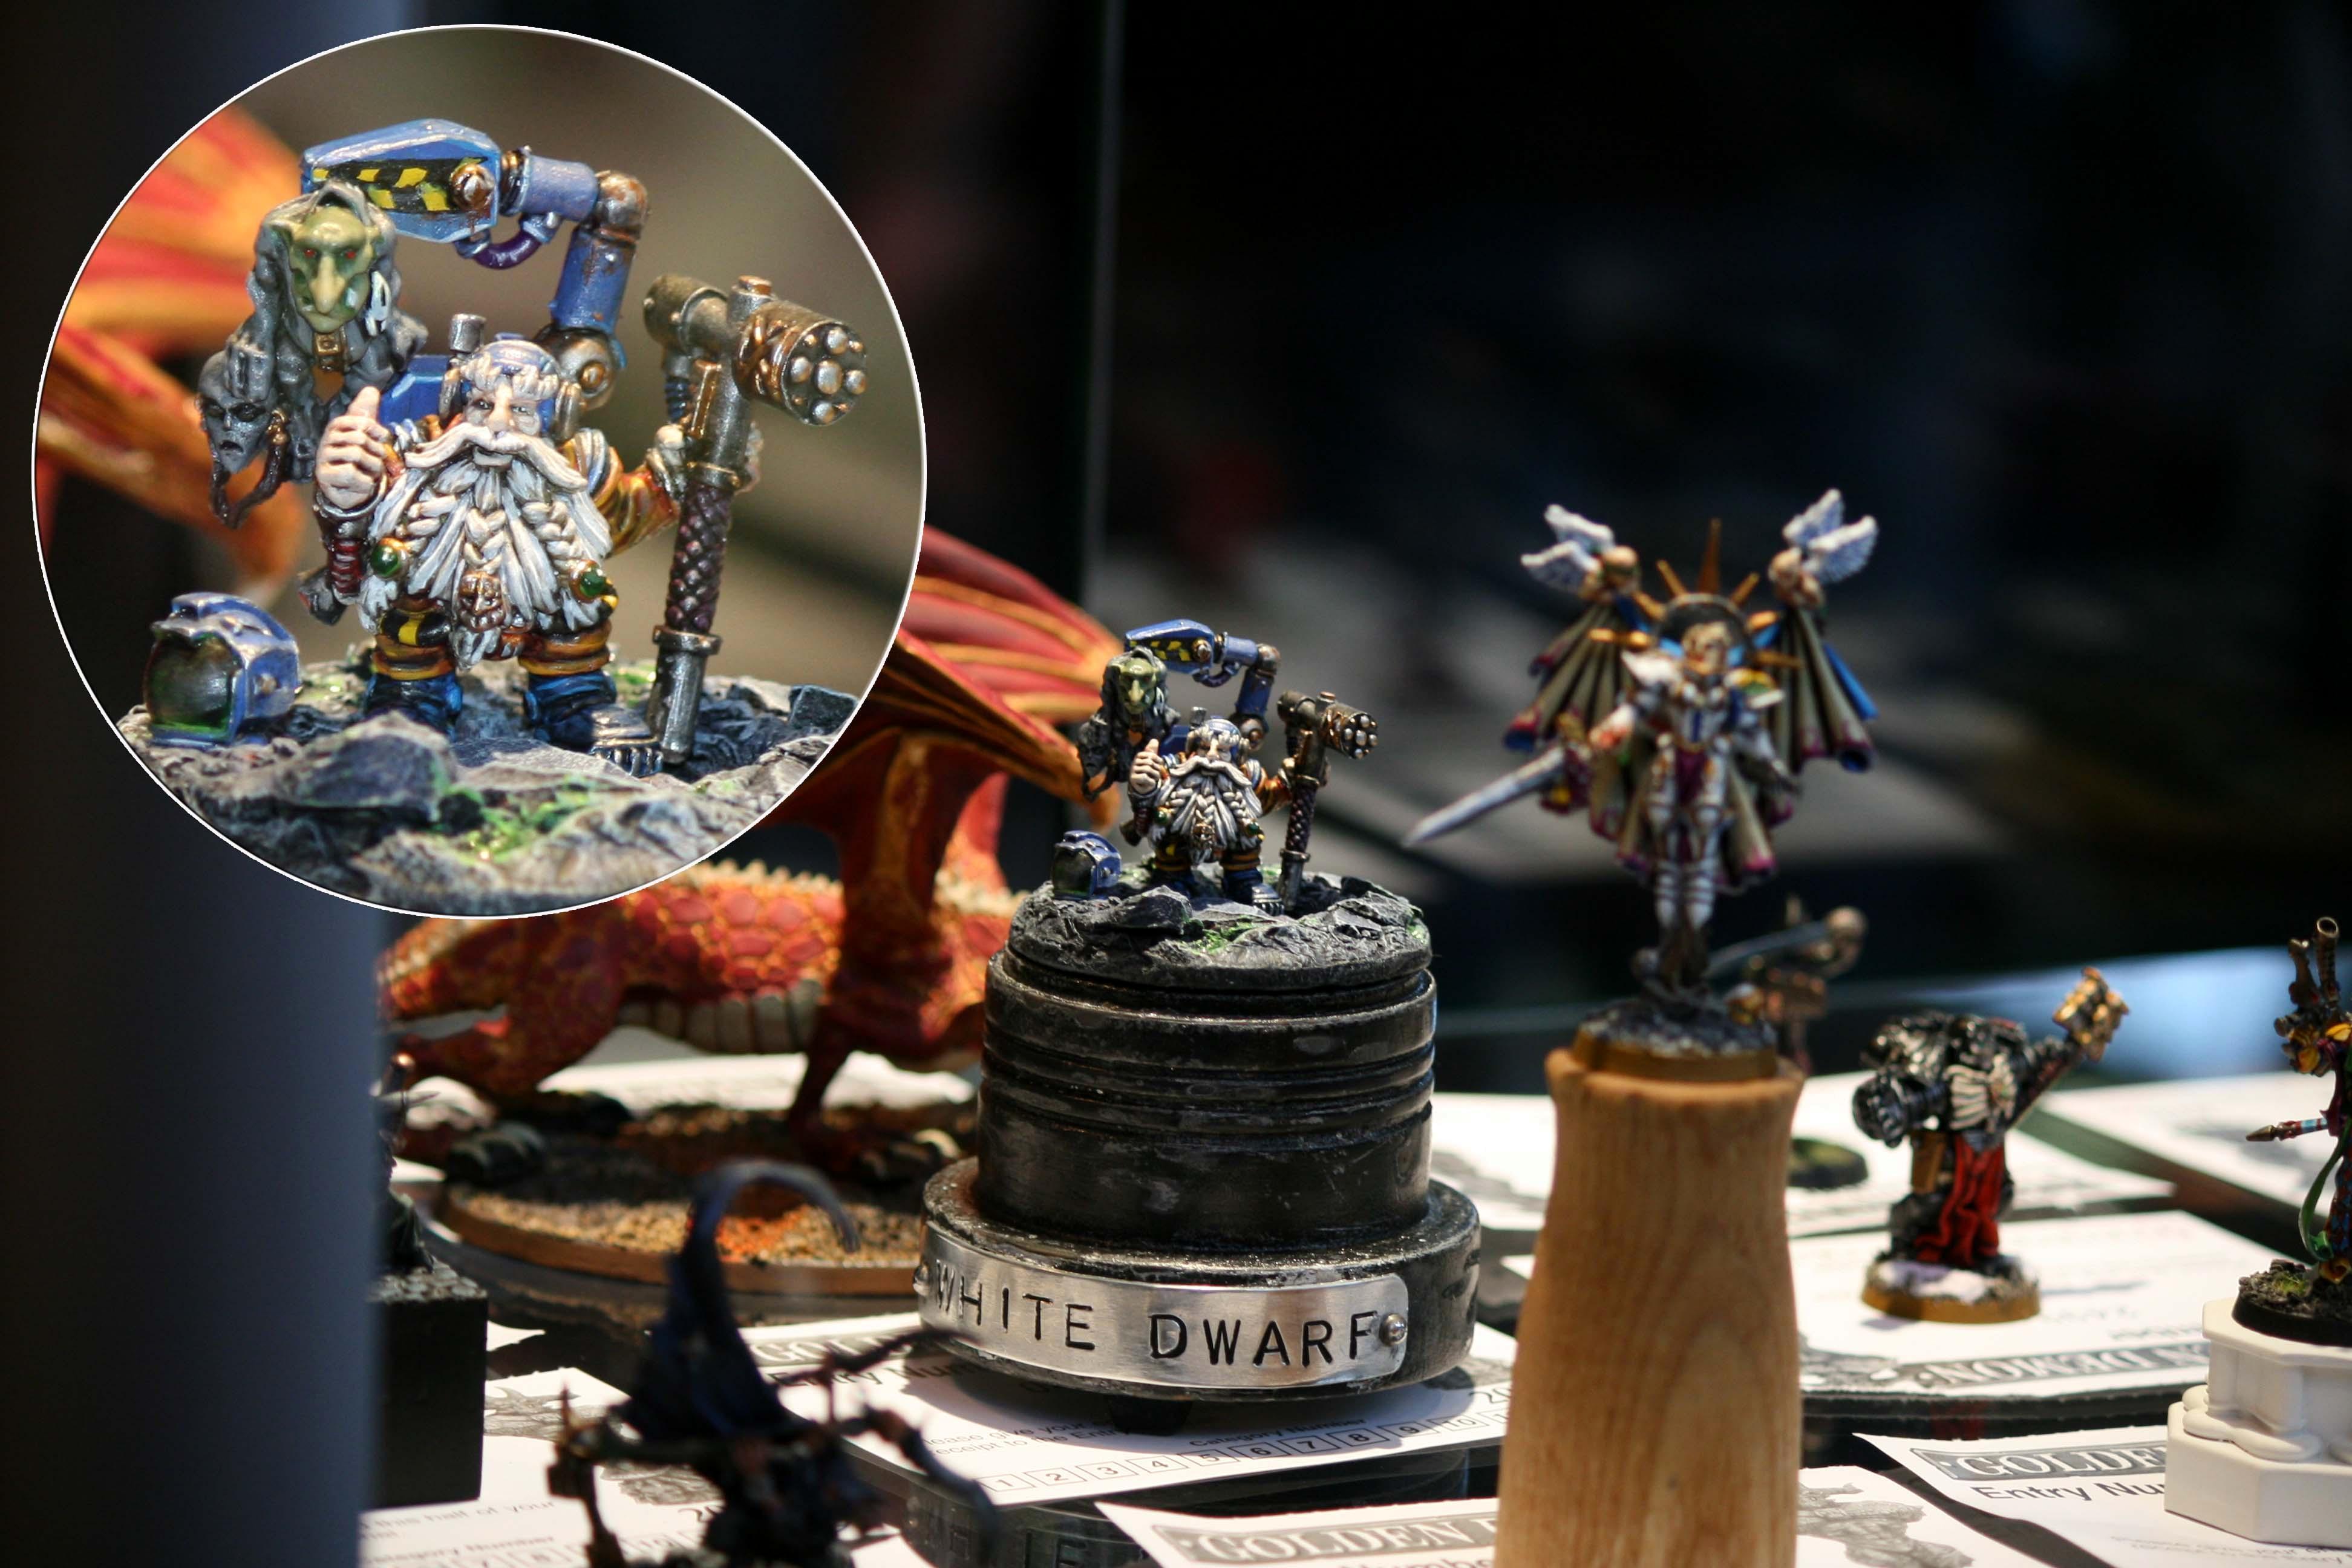 Golden Demon 2010, Gretchin, Moon Base, Space, Space Dwarf, Warhammer 40,000, Warhammer Fantasy, White Dwarf